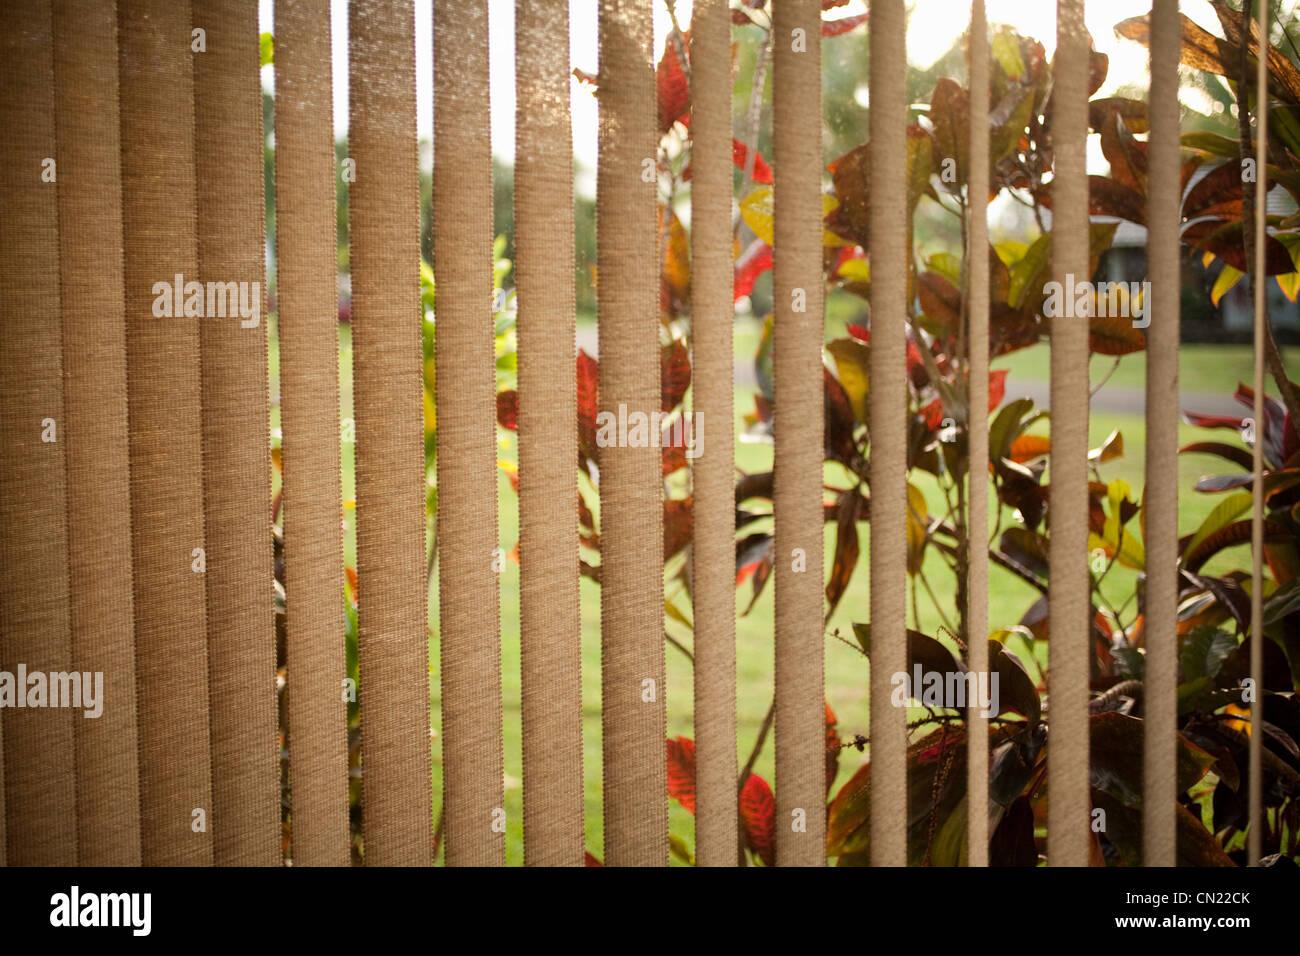 Fenster-Vorhänge und Büsche Stockbild